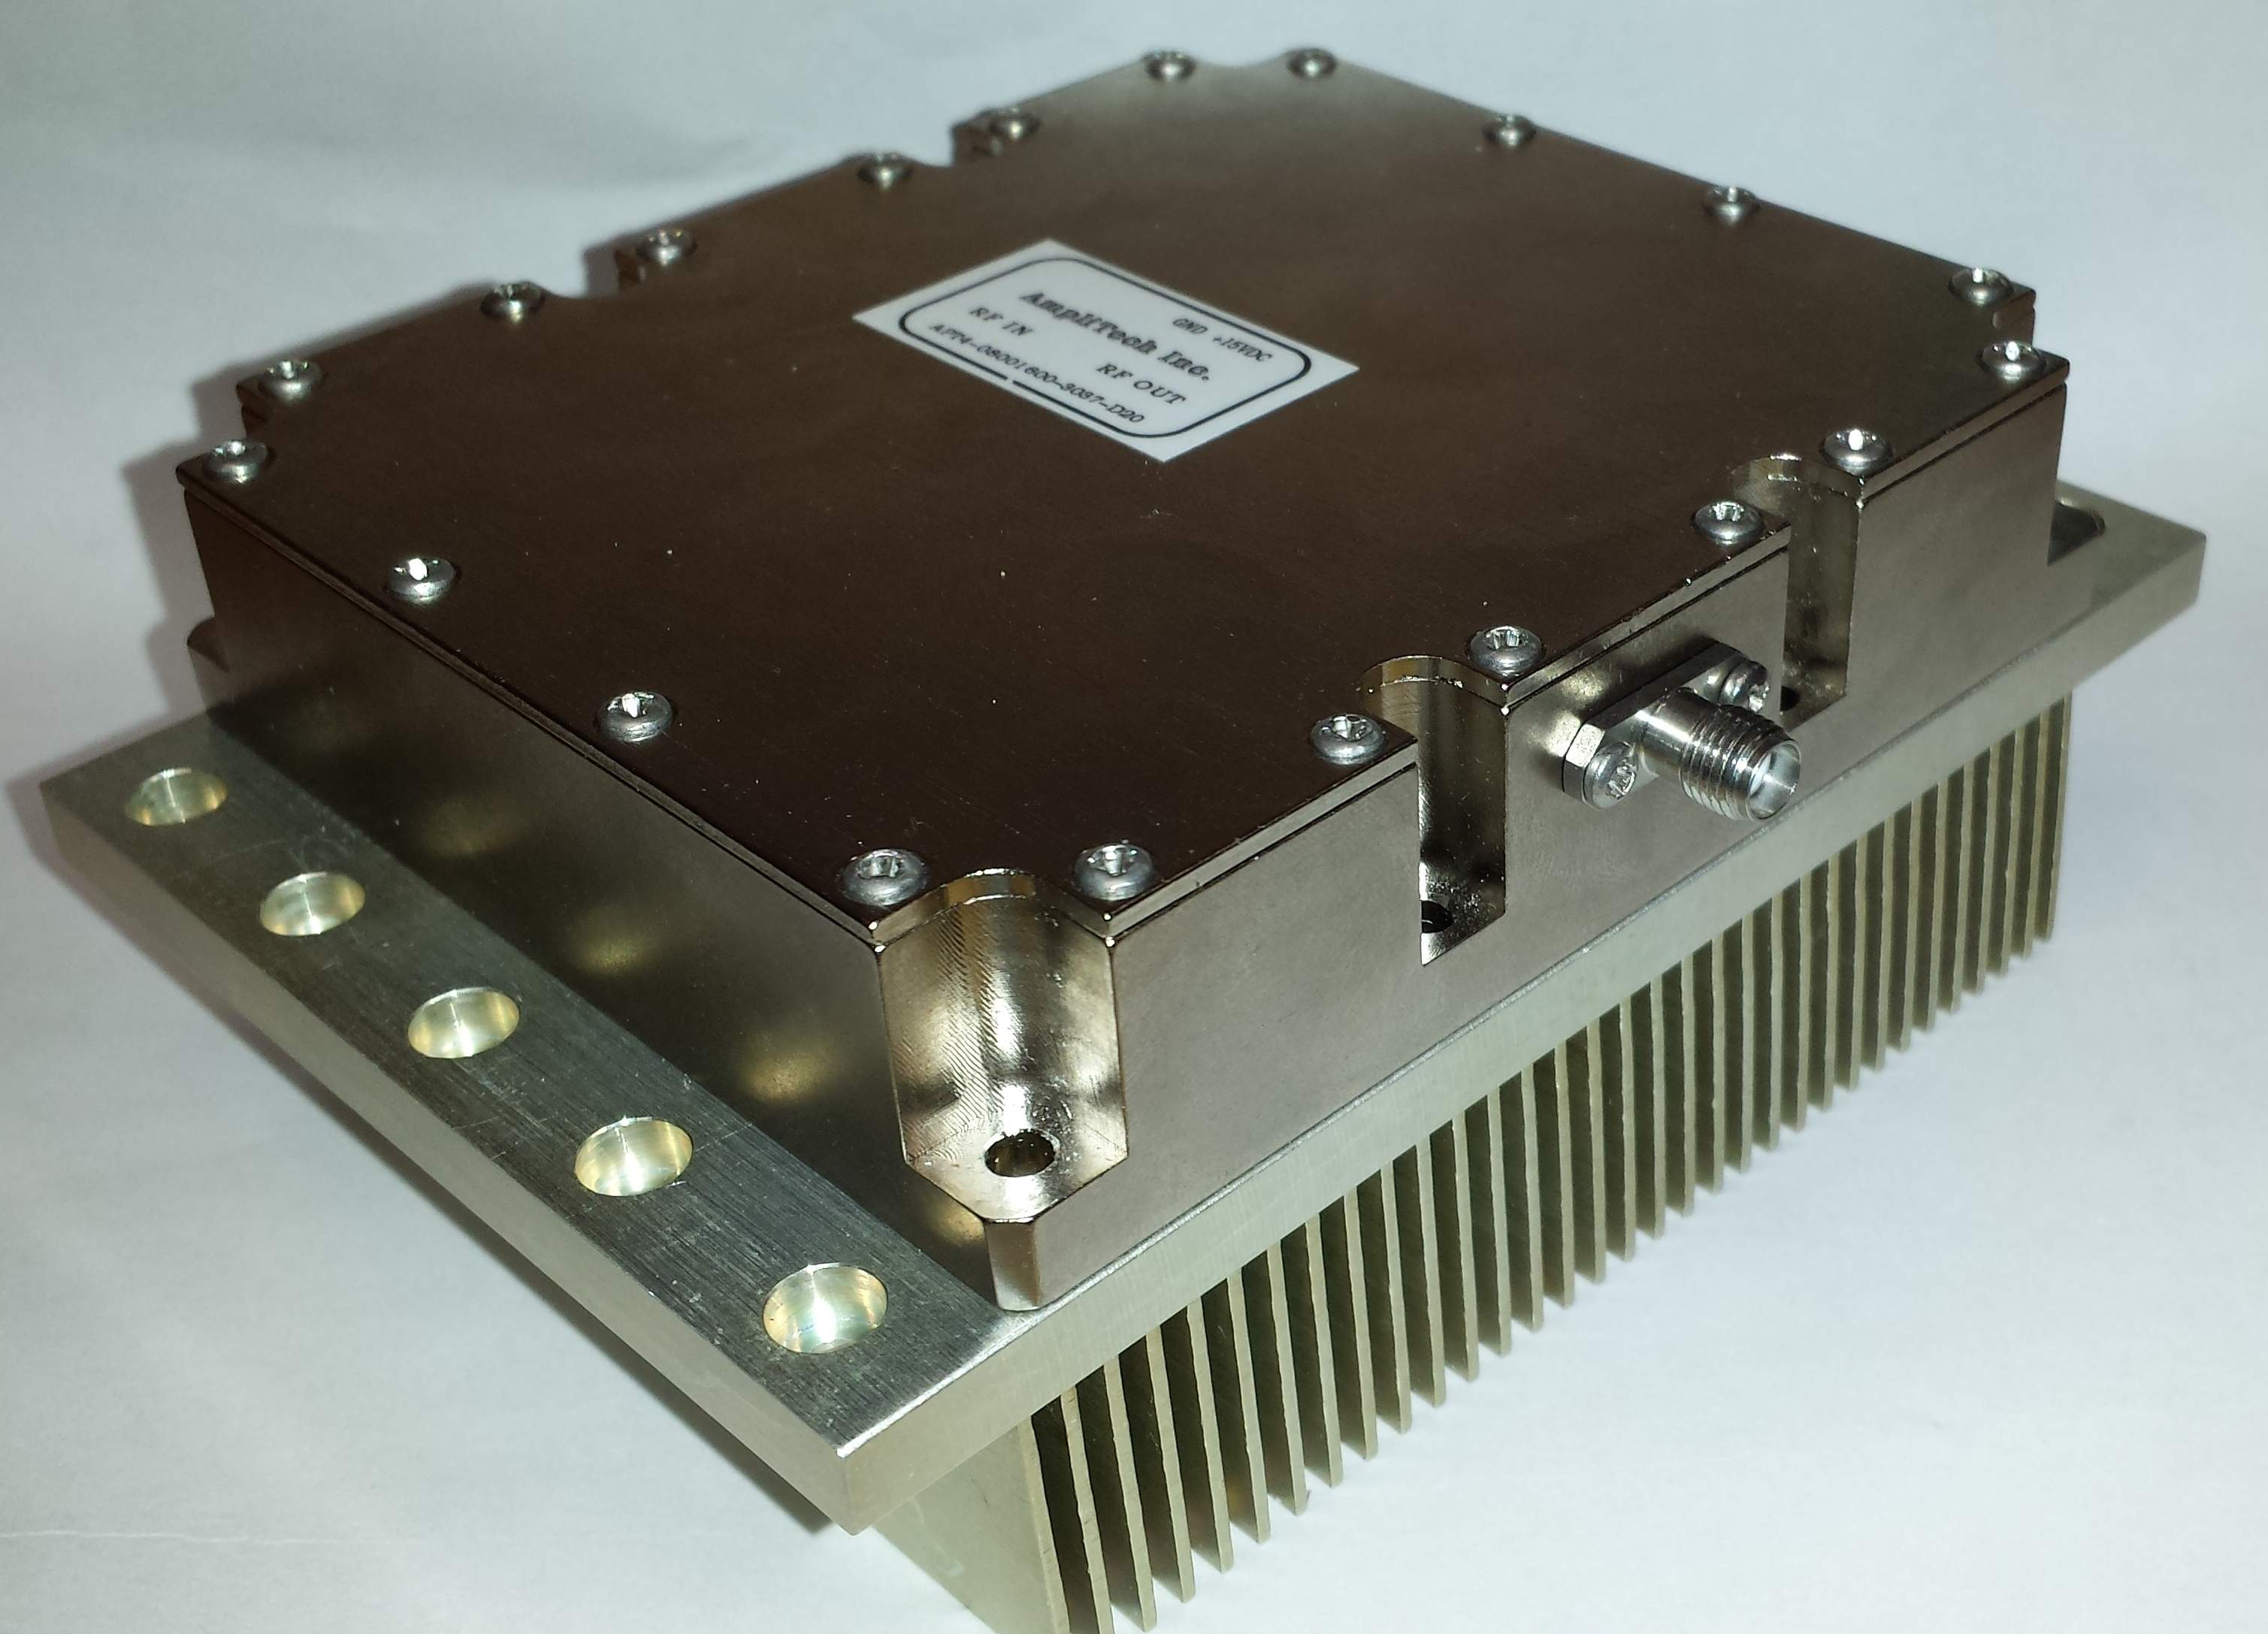 A metal box